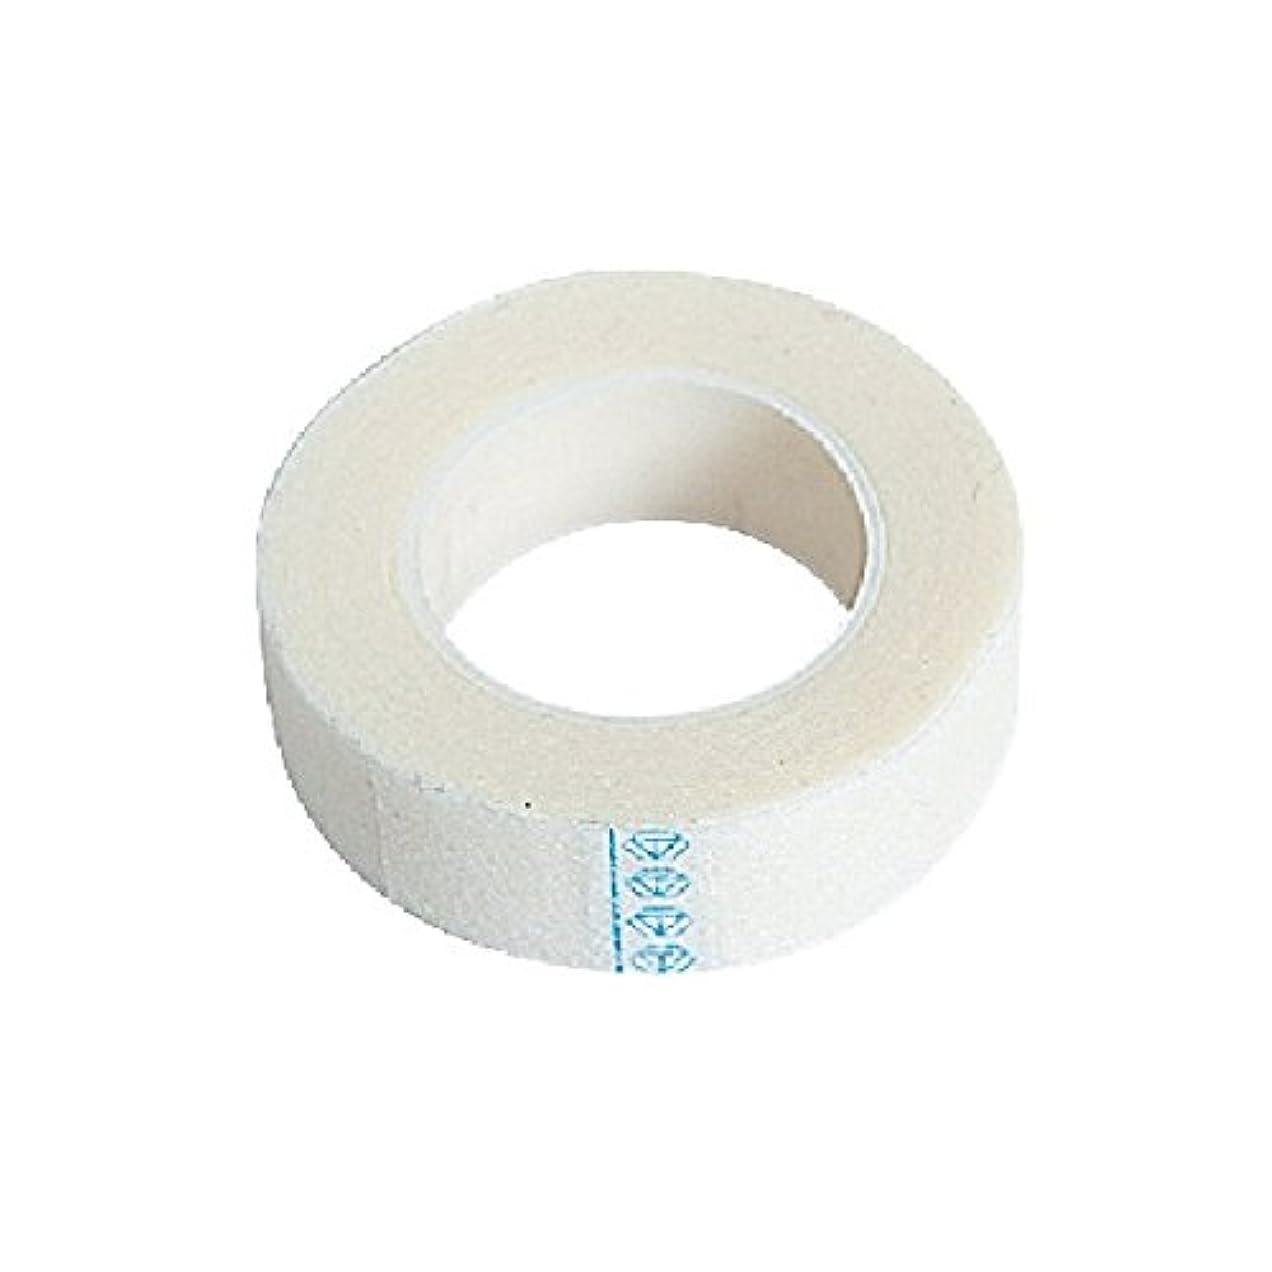 ペルー巻き取り種まつげエクステ 下まつげ(下まつ毛)保護テープ サージカルテープ (1個)